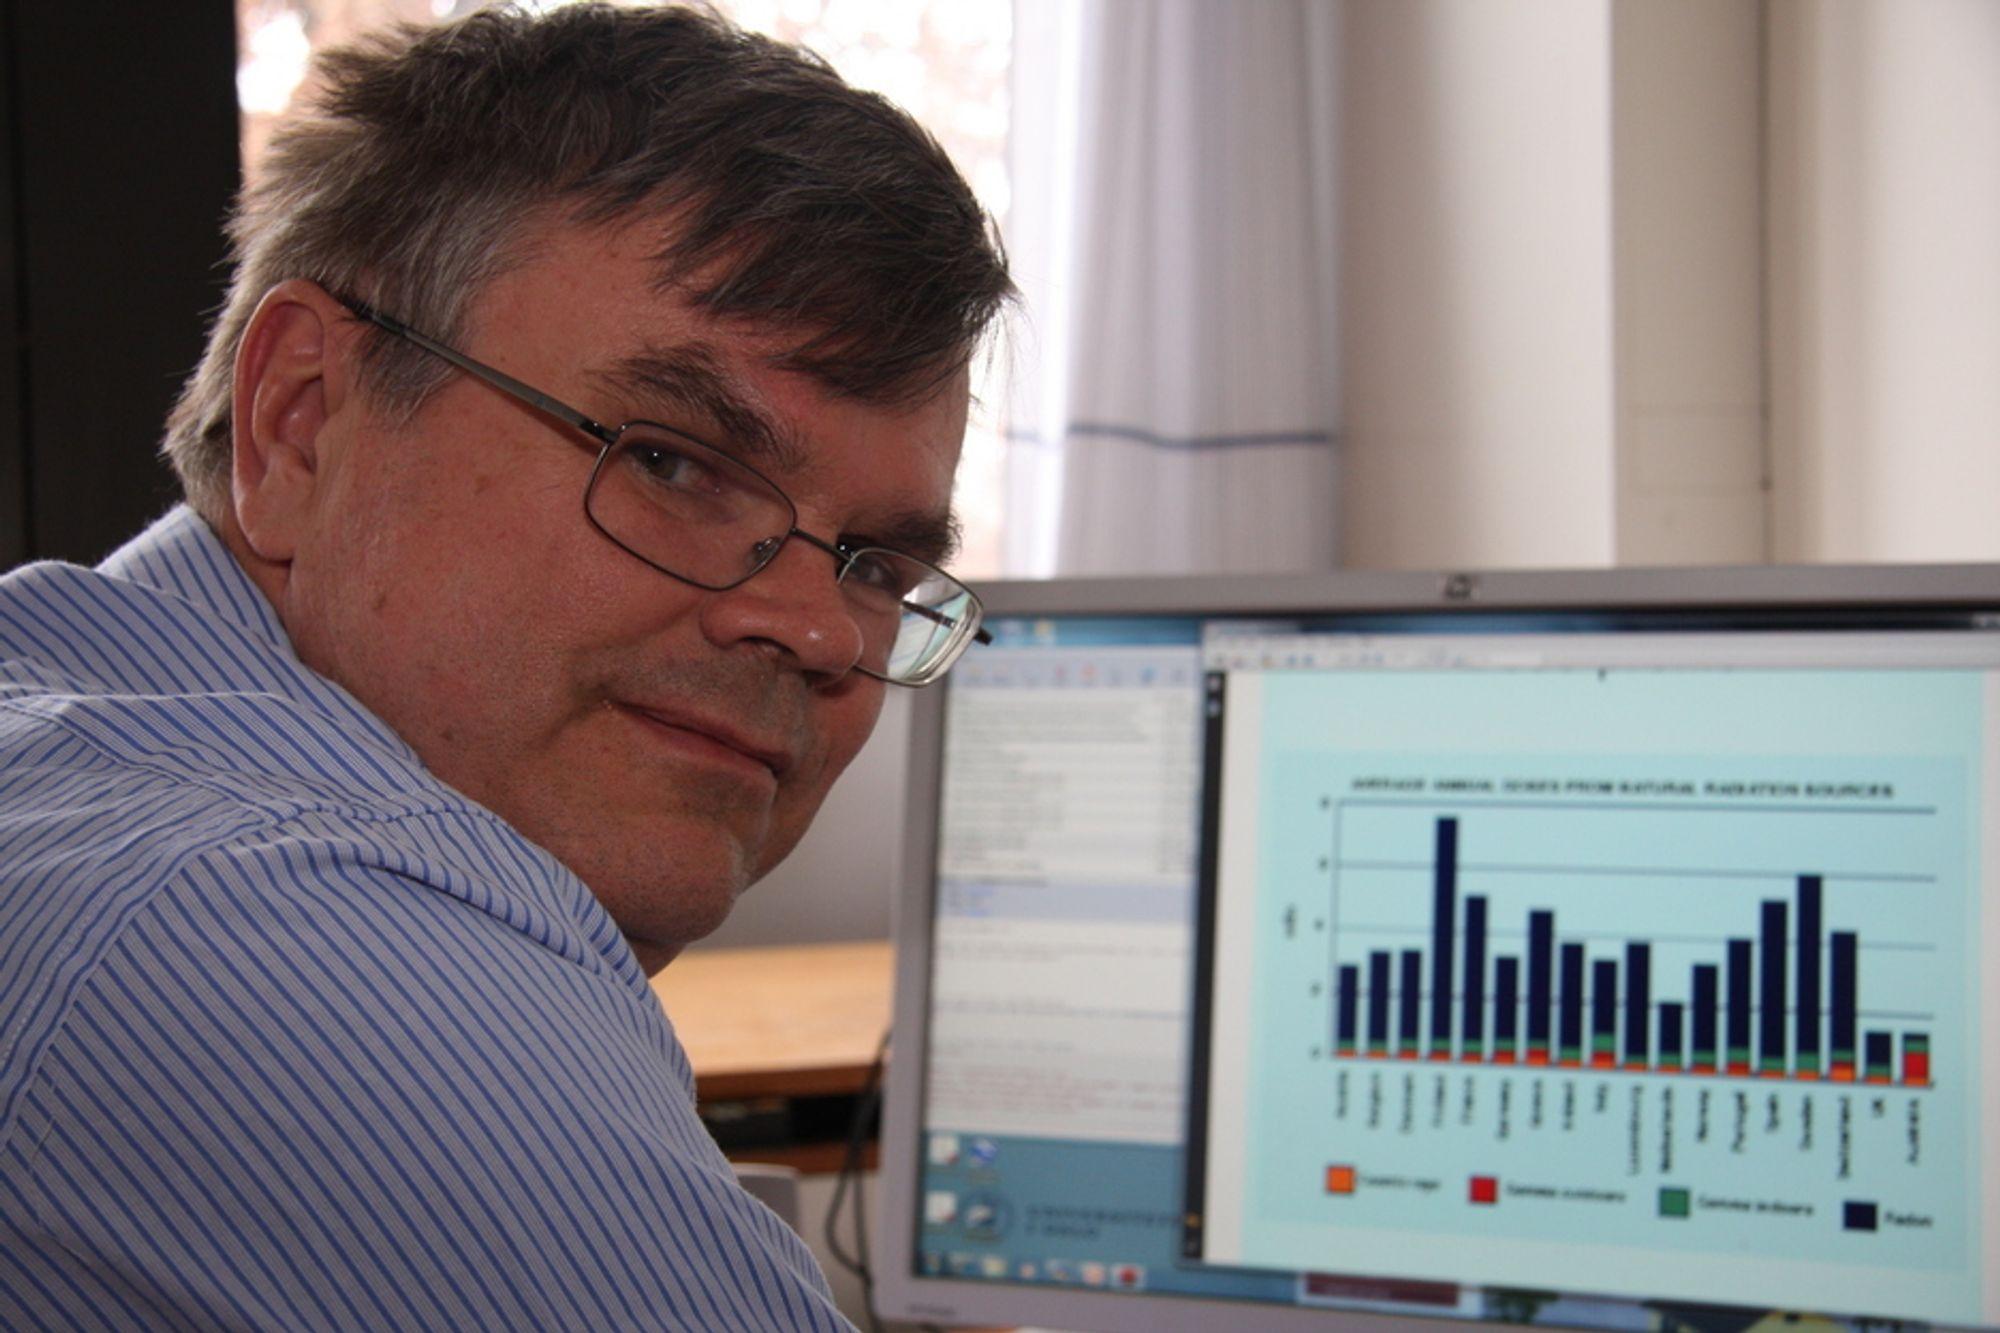 UFARLIG STRÅLING: -Den daglige strålingen sivilpersoner utsettes for, er ufarlig, sier professor i kjernekjemi ved Universitetet i Oslo, Per Hoff. På PC-skjermen vises en graf om doser fra naturlige strålingskilder i forskjellige land. Finland har høyest nivå av radon-stråling, Norge og Sverige har også mye av denne type stråling.